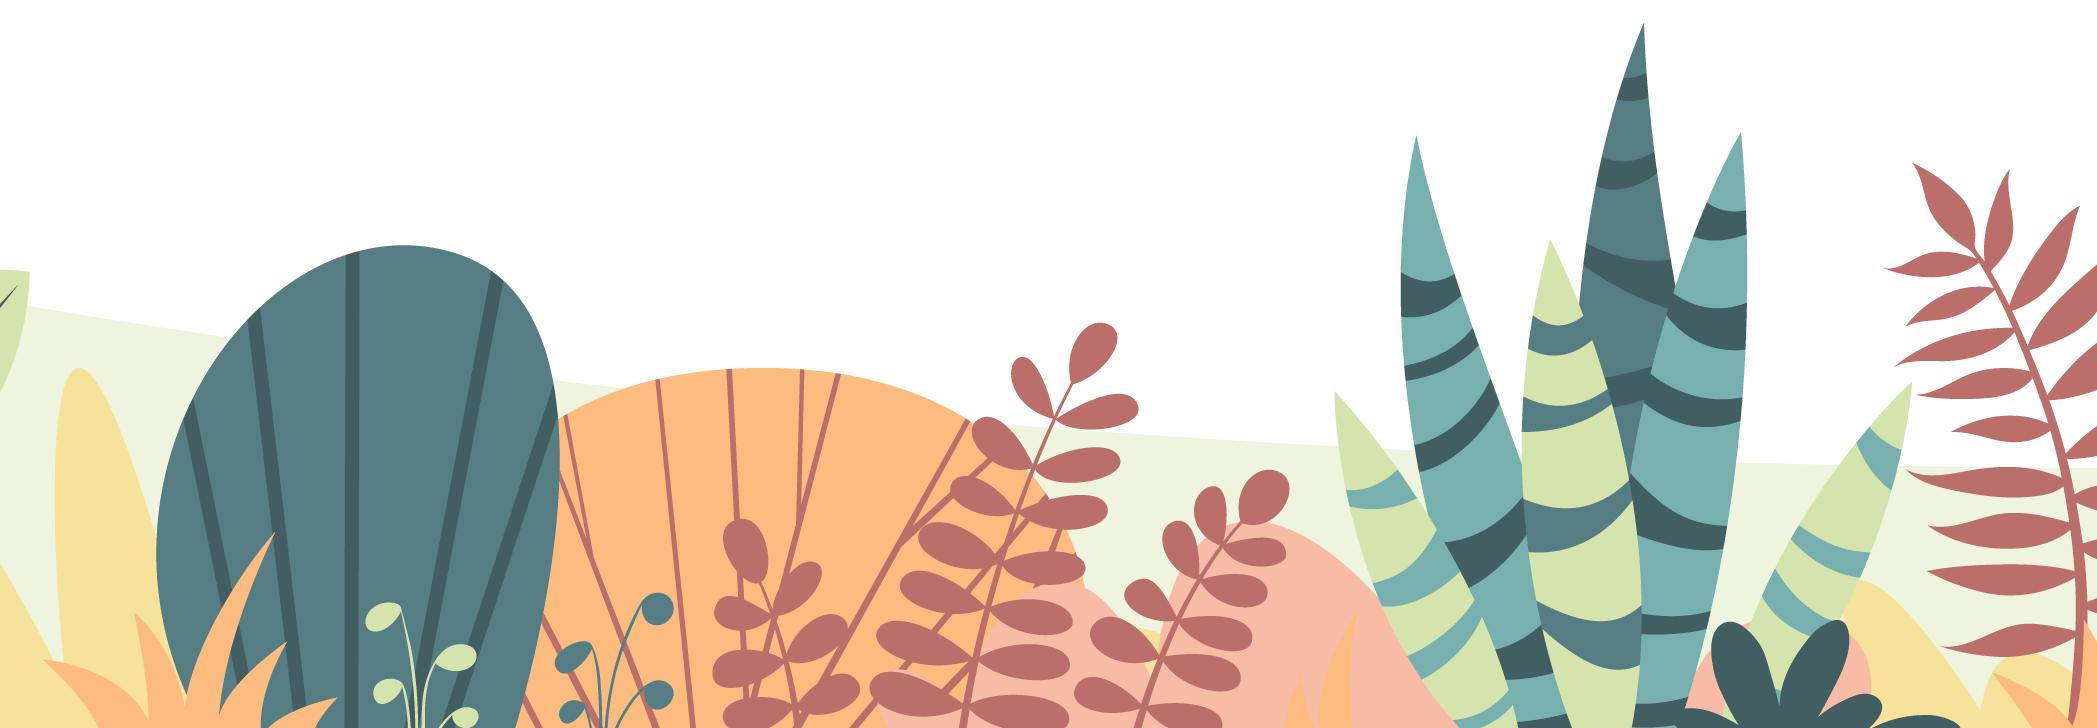 test-fondo-naturaleza-01